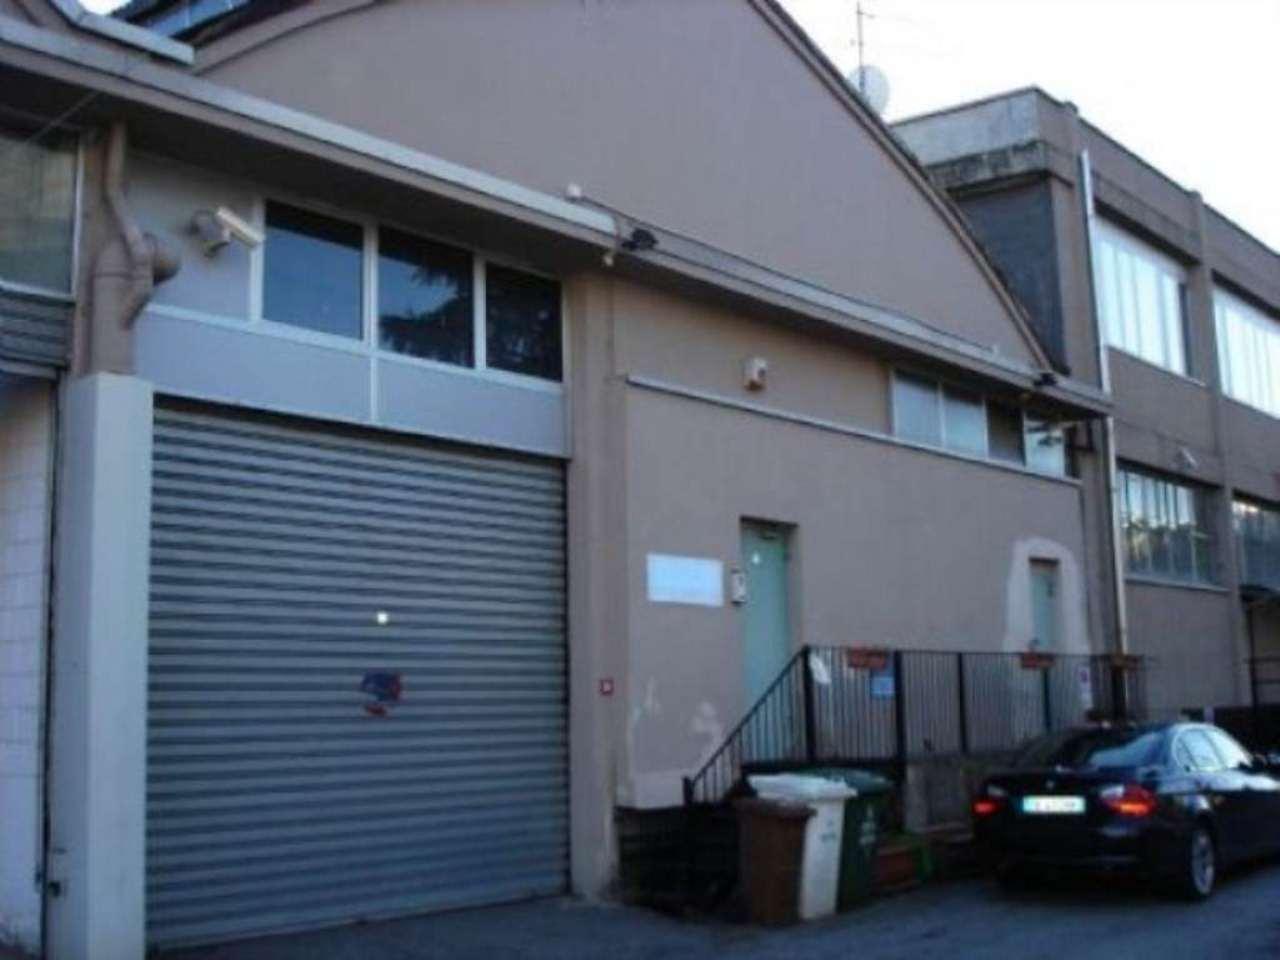 Capannone in vendita a Cinisello Balsamo, 1 locali, prezzo € 350.000 | CambioCasa.it